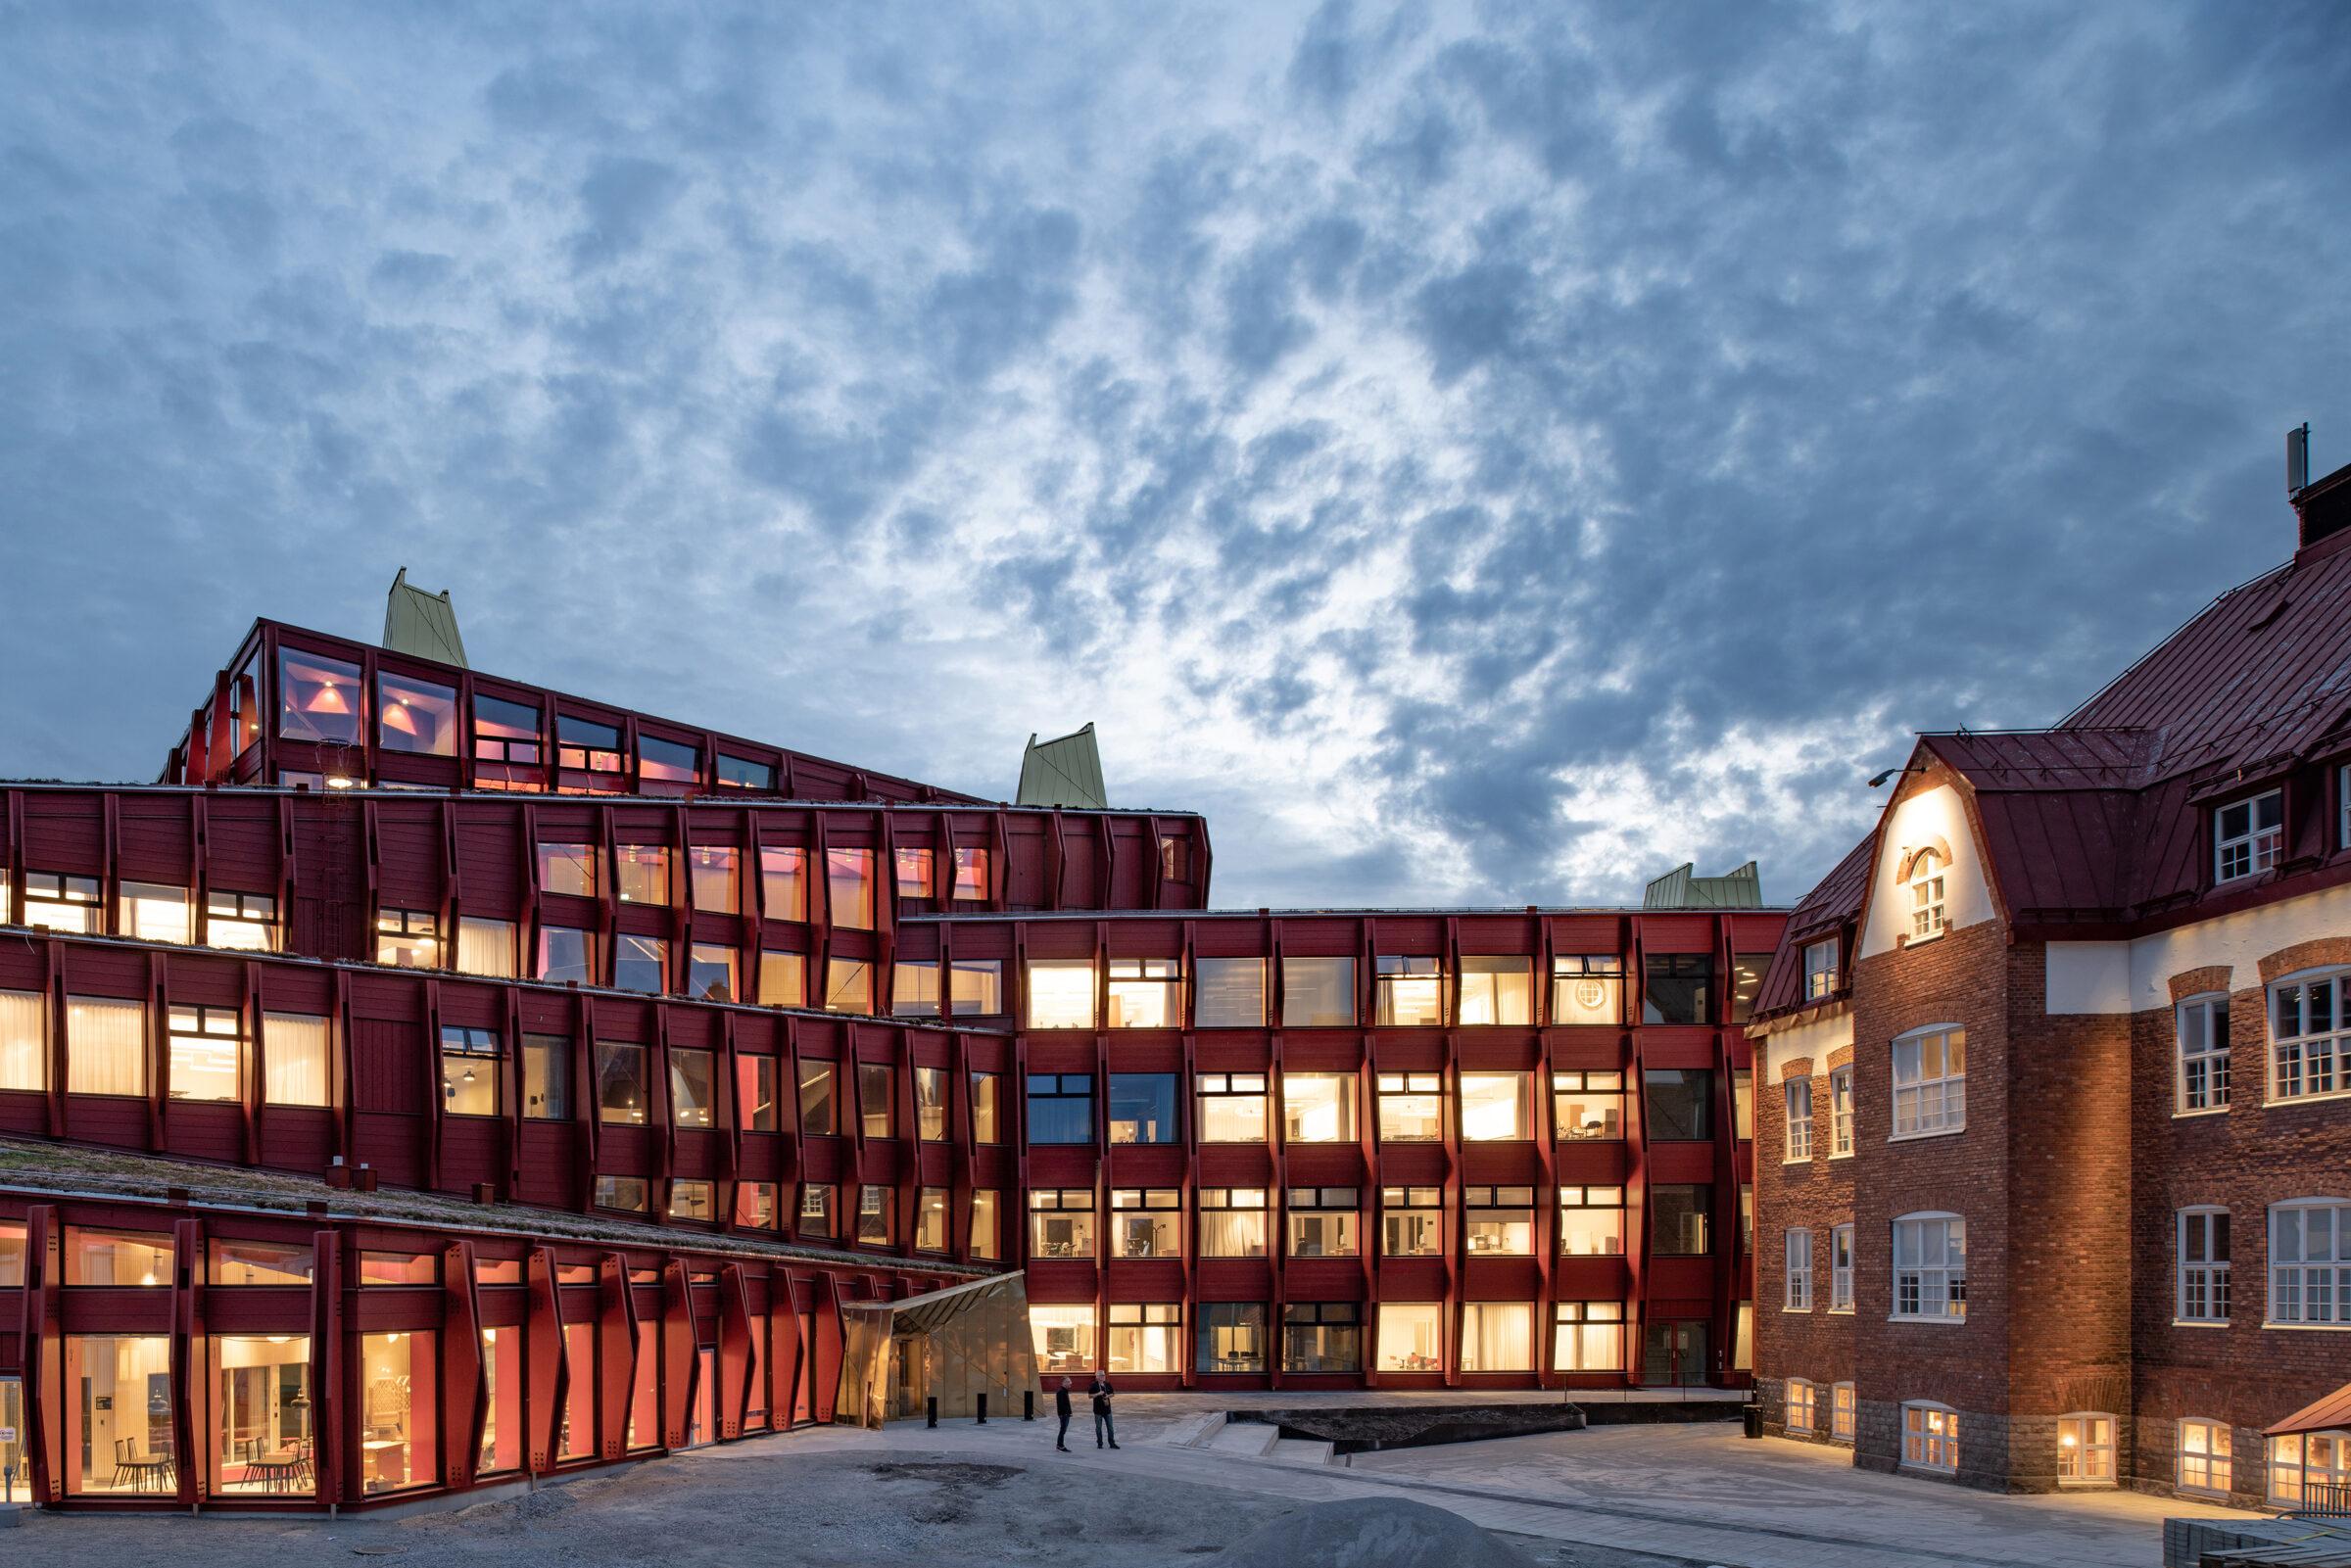 Kunskapshuset i Gällivare. Liljewall och MAF arkitektkontor. Foto: Anders Bobert.